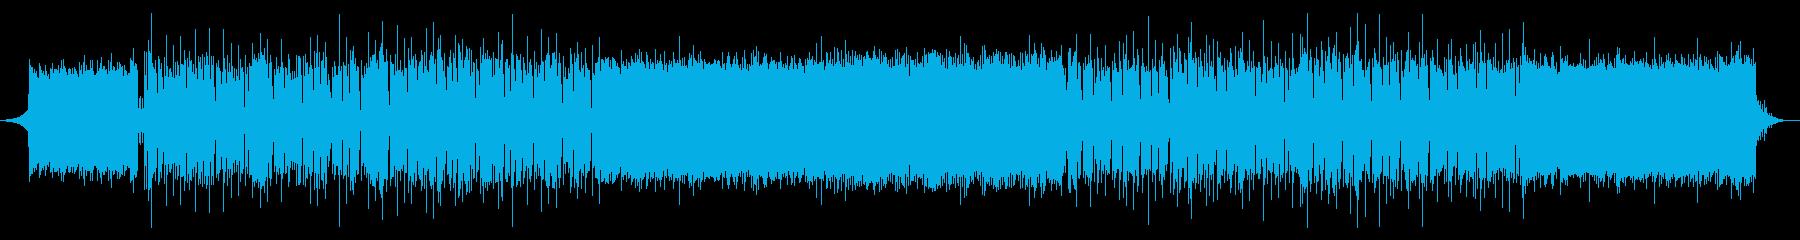 中国音階のダンスエレクトロ、パズルゲームの再生済みの波形